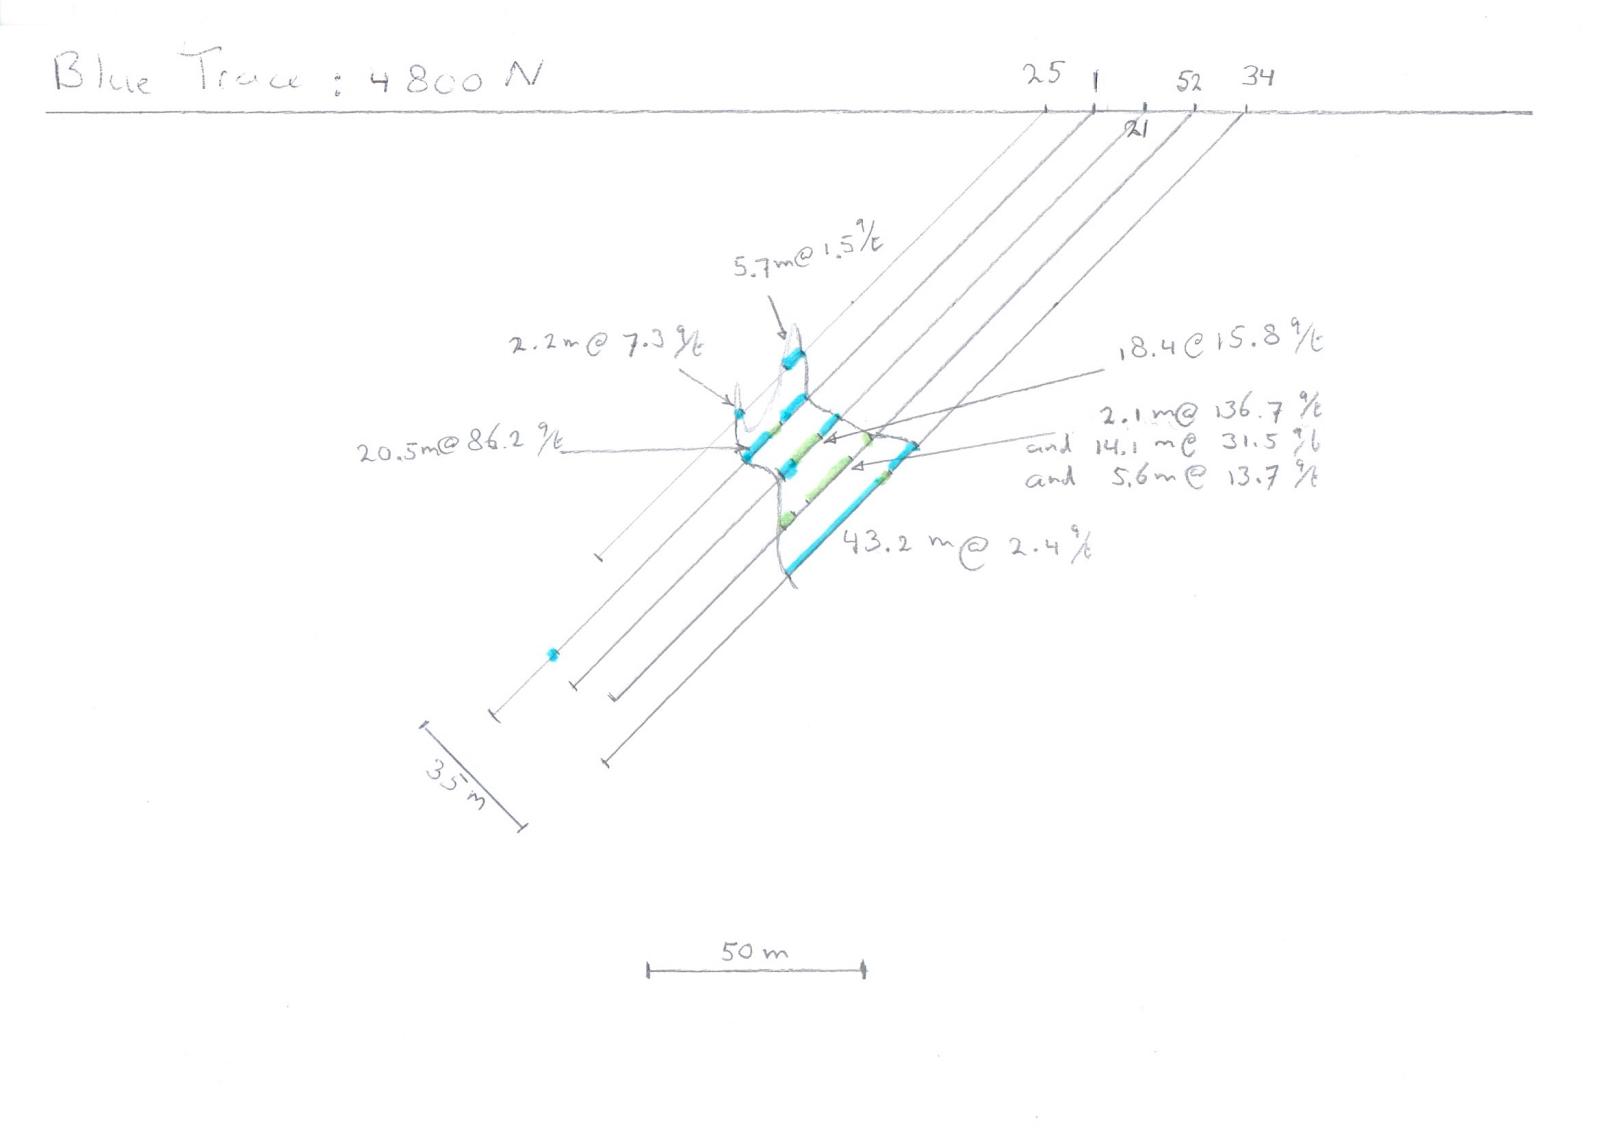 Figure 8: Keats Zone Cross Section 4800 N